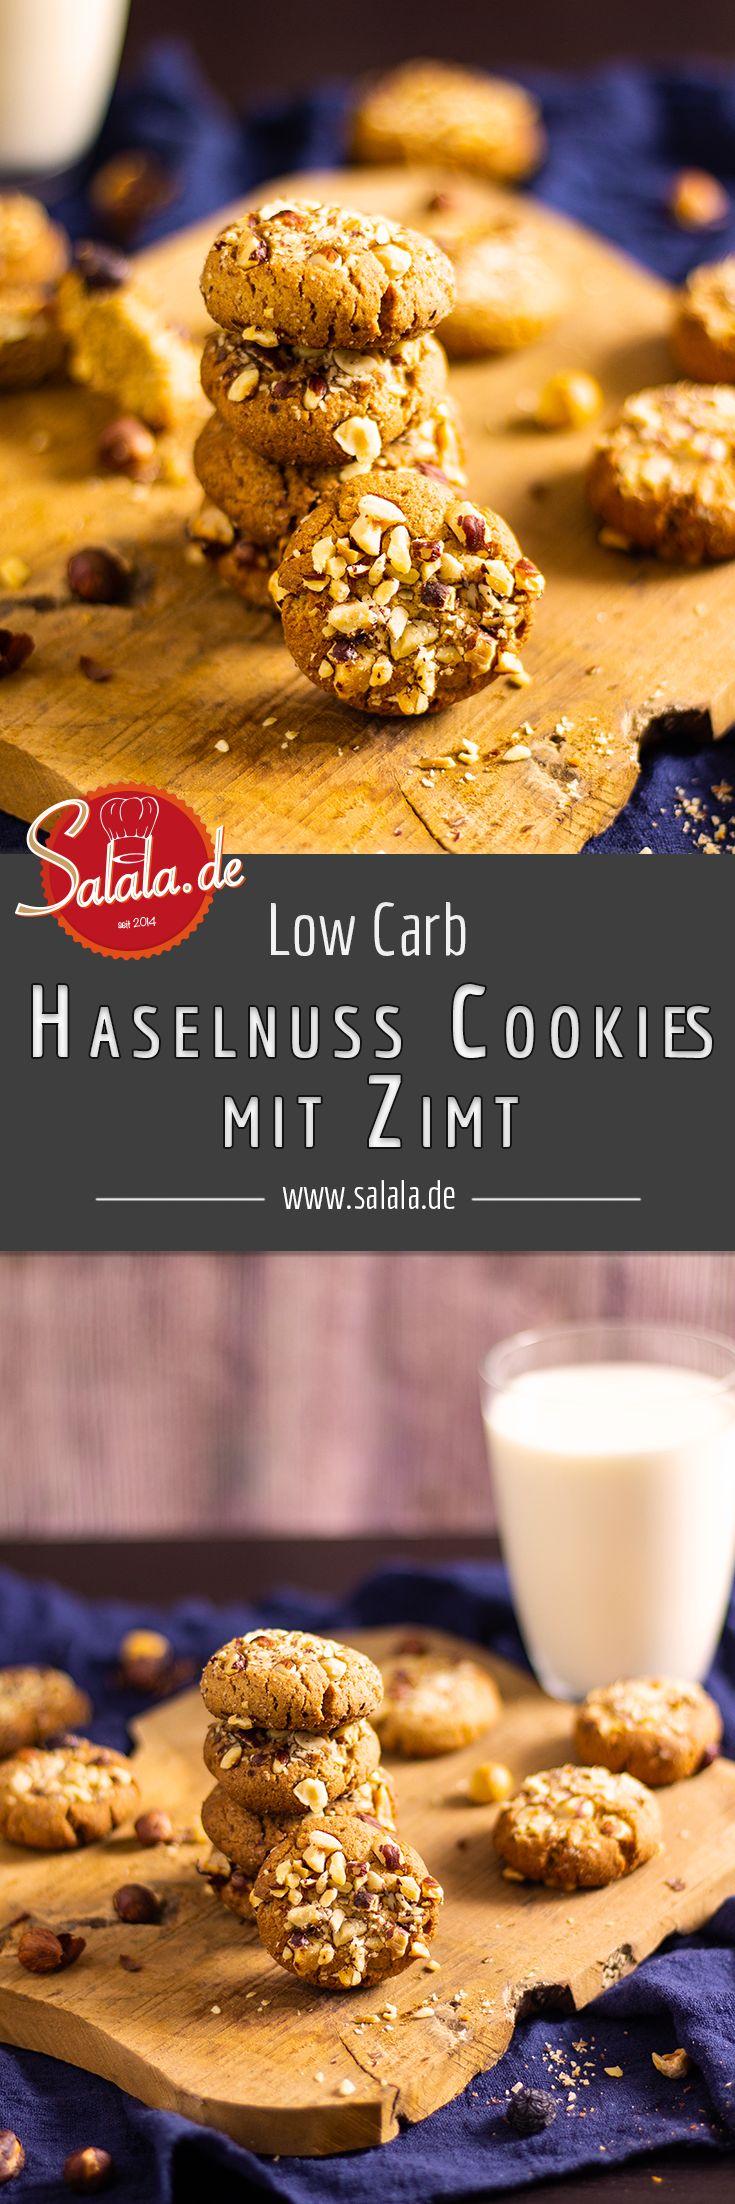 Saftige Zimt-Haselnuss-Cookies ohne Mehl und zuckerfrei